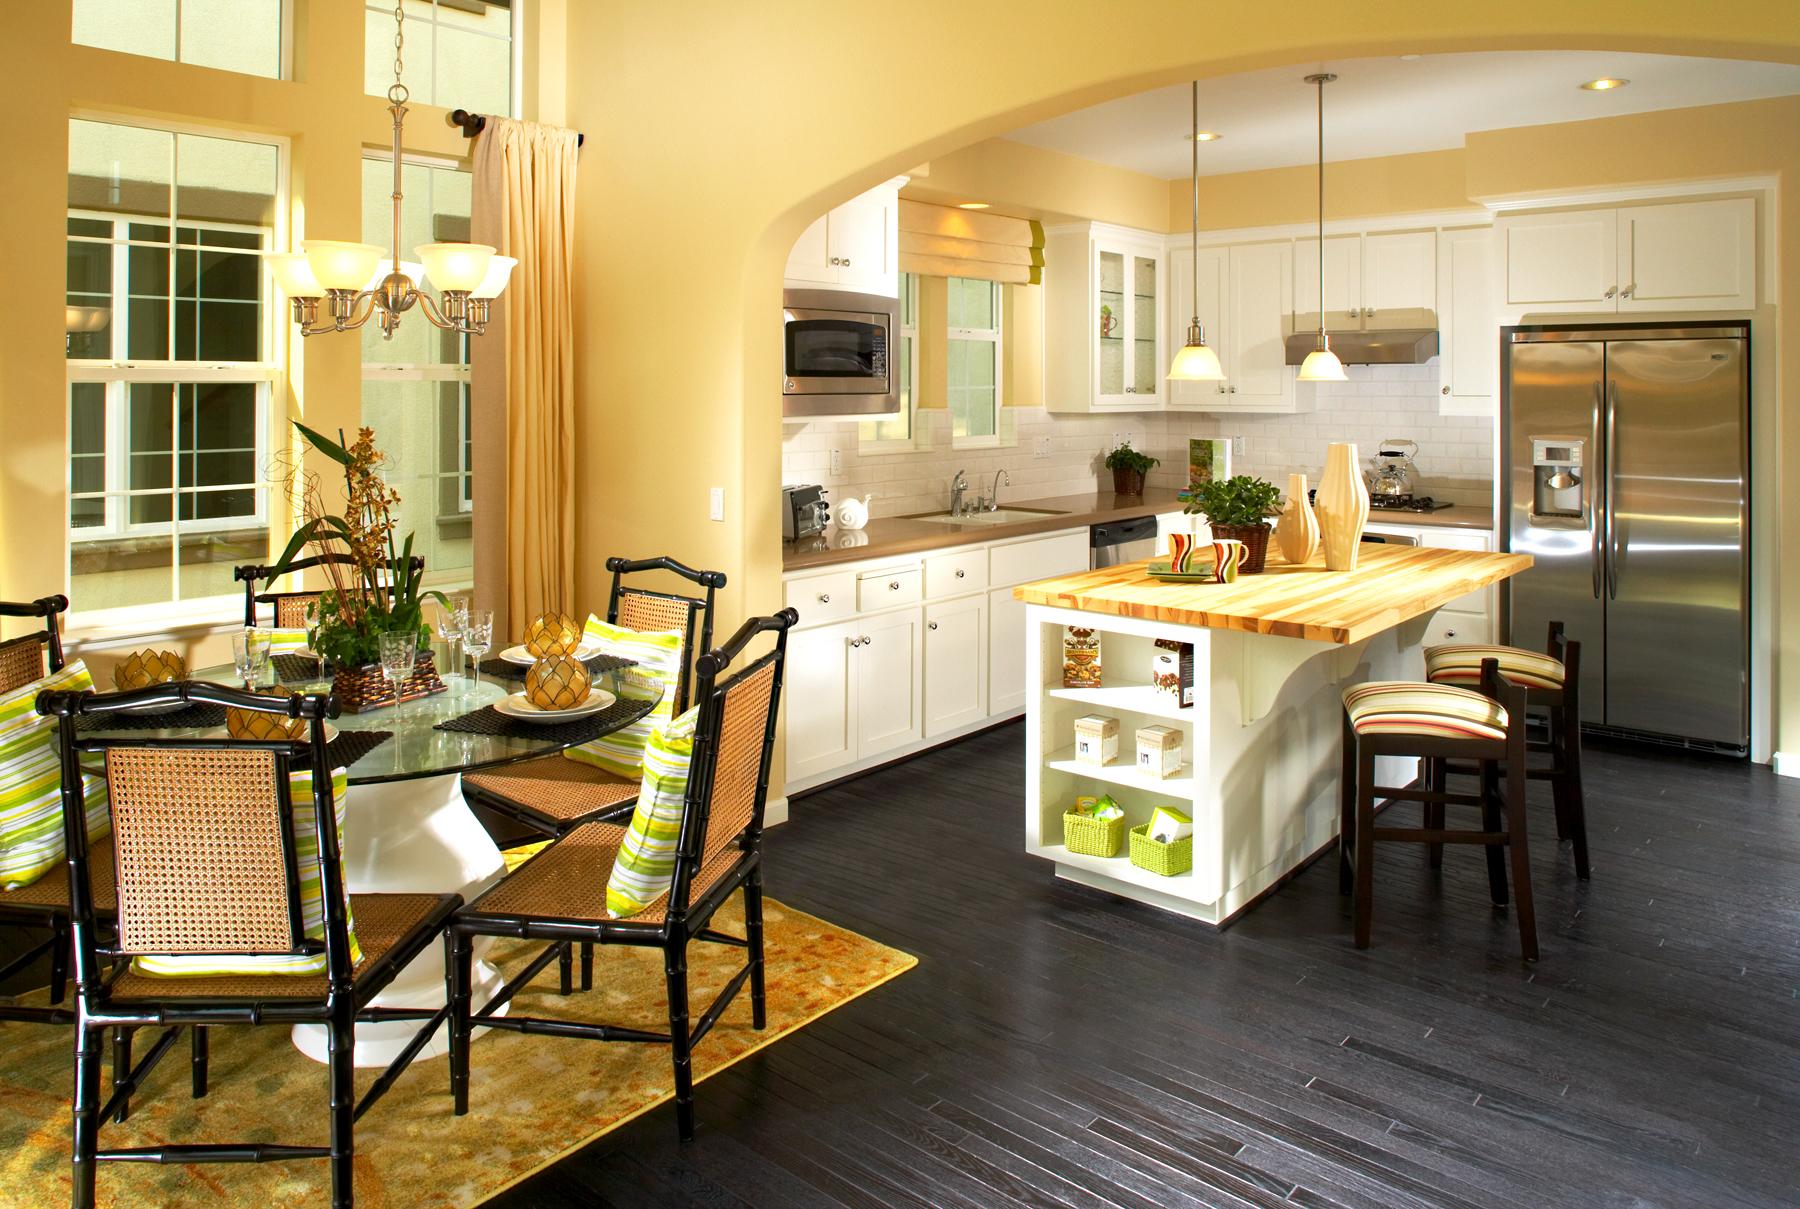 Otwarta kuchnia z jadalnią w jasno-żółtych barwach